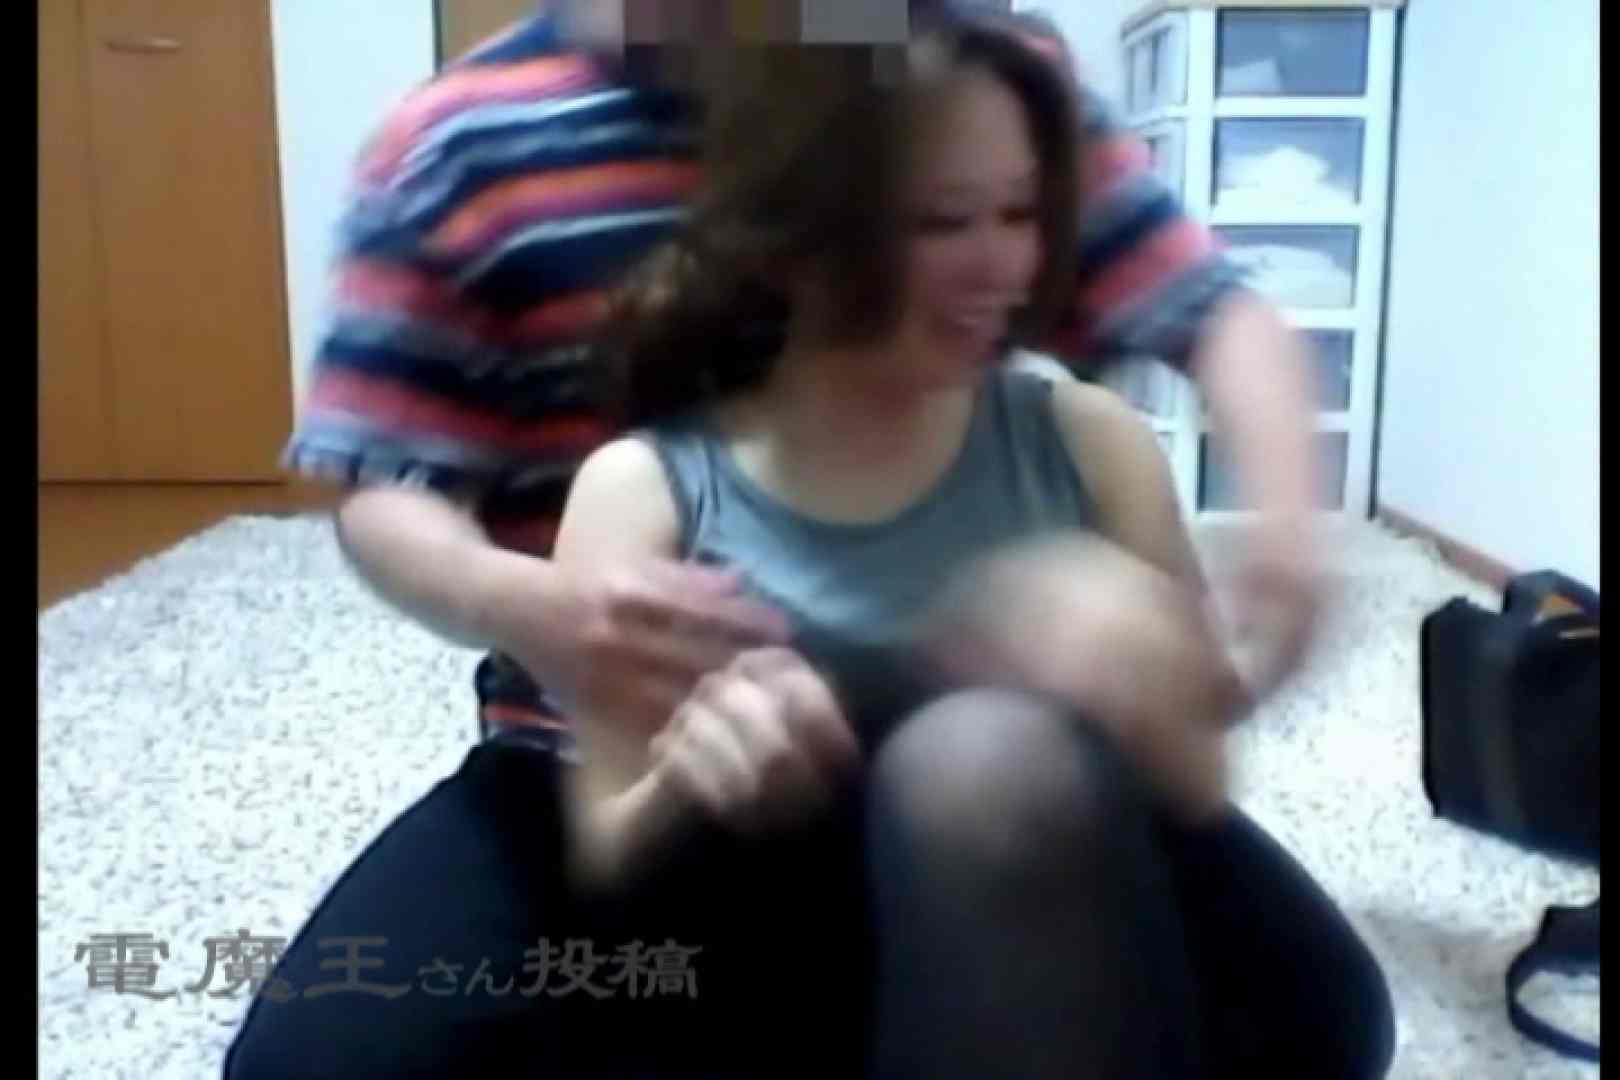 電魔王さんの「隠撮の部屋」カエデ 美女 | 隠撮  49連発 41